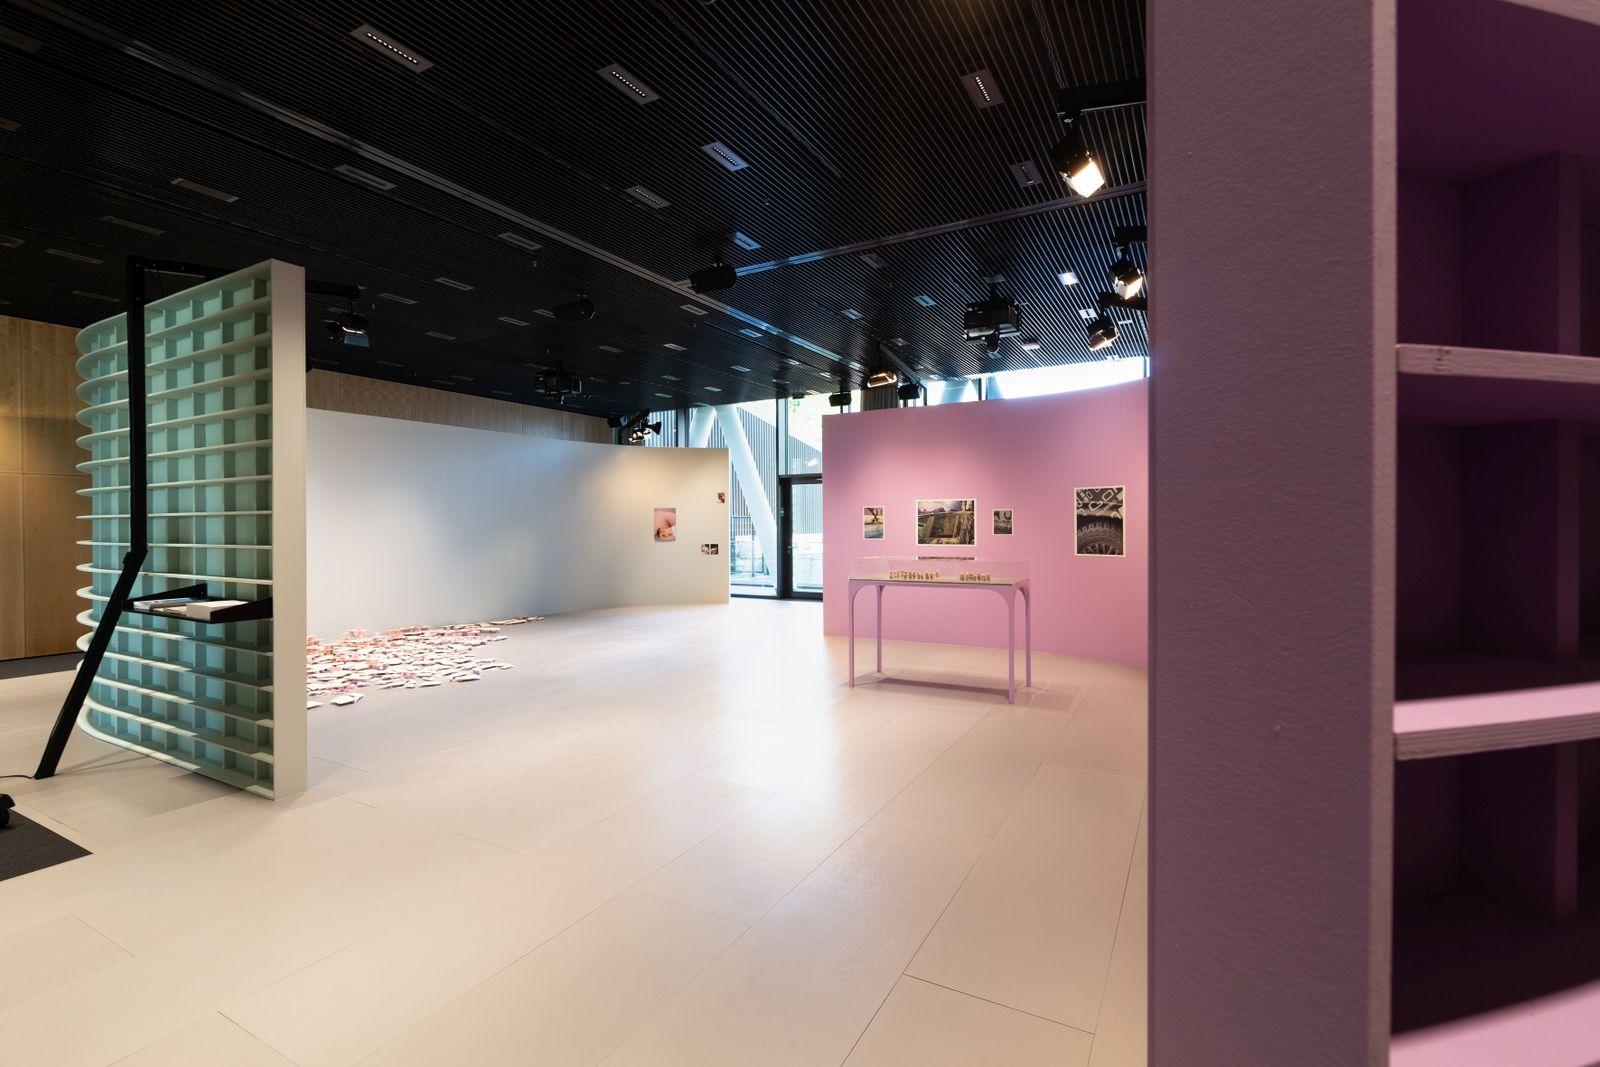 Rundgang 50Hertz, Ausstellungsansicht, 2018  © Nationalgalerie – Staatliche Museen zu Berlin / Foto: André Wunstorf